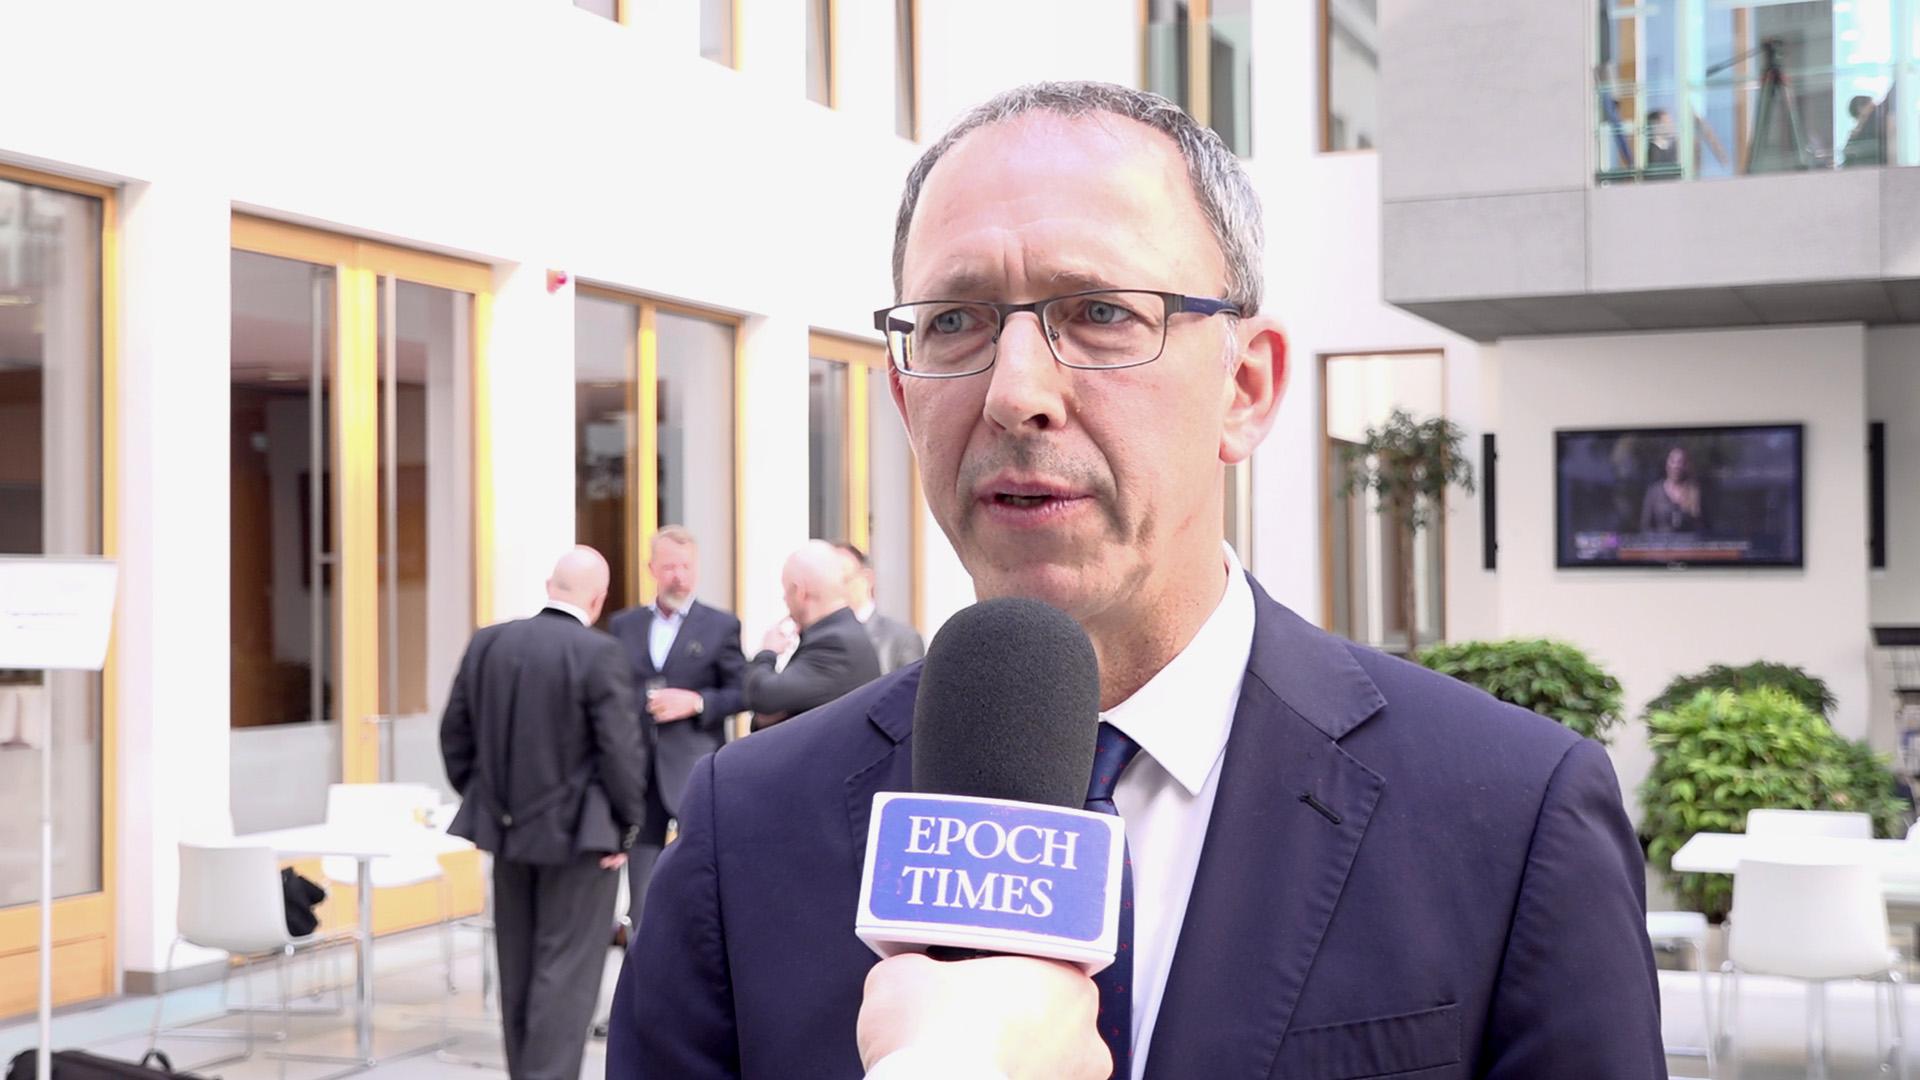 Gegen parteipolitische Vetternwirtschaft: Sächsische AfD-Fraktion reicht Gesetzentwurf ein